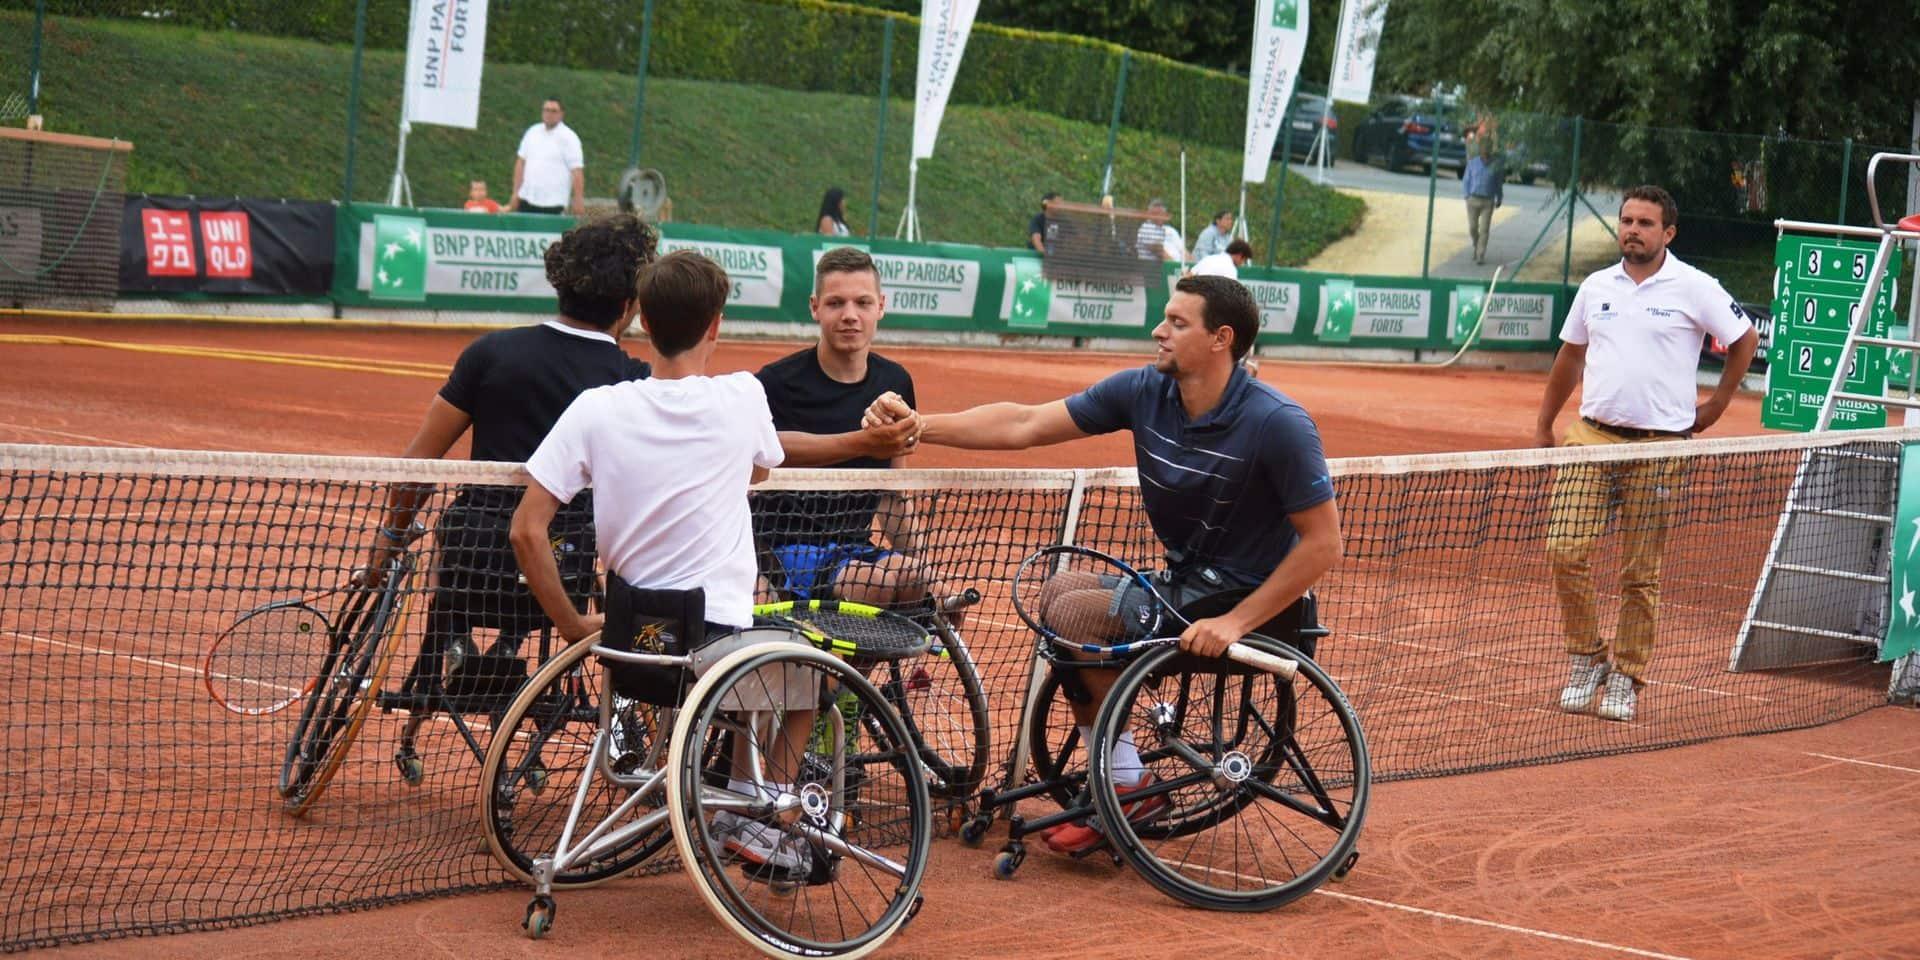 Tennis en fauteuil : pas d'Ath Open cette année